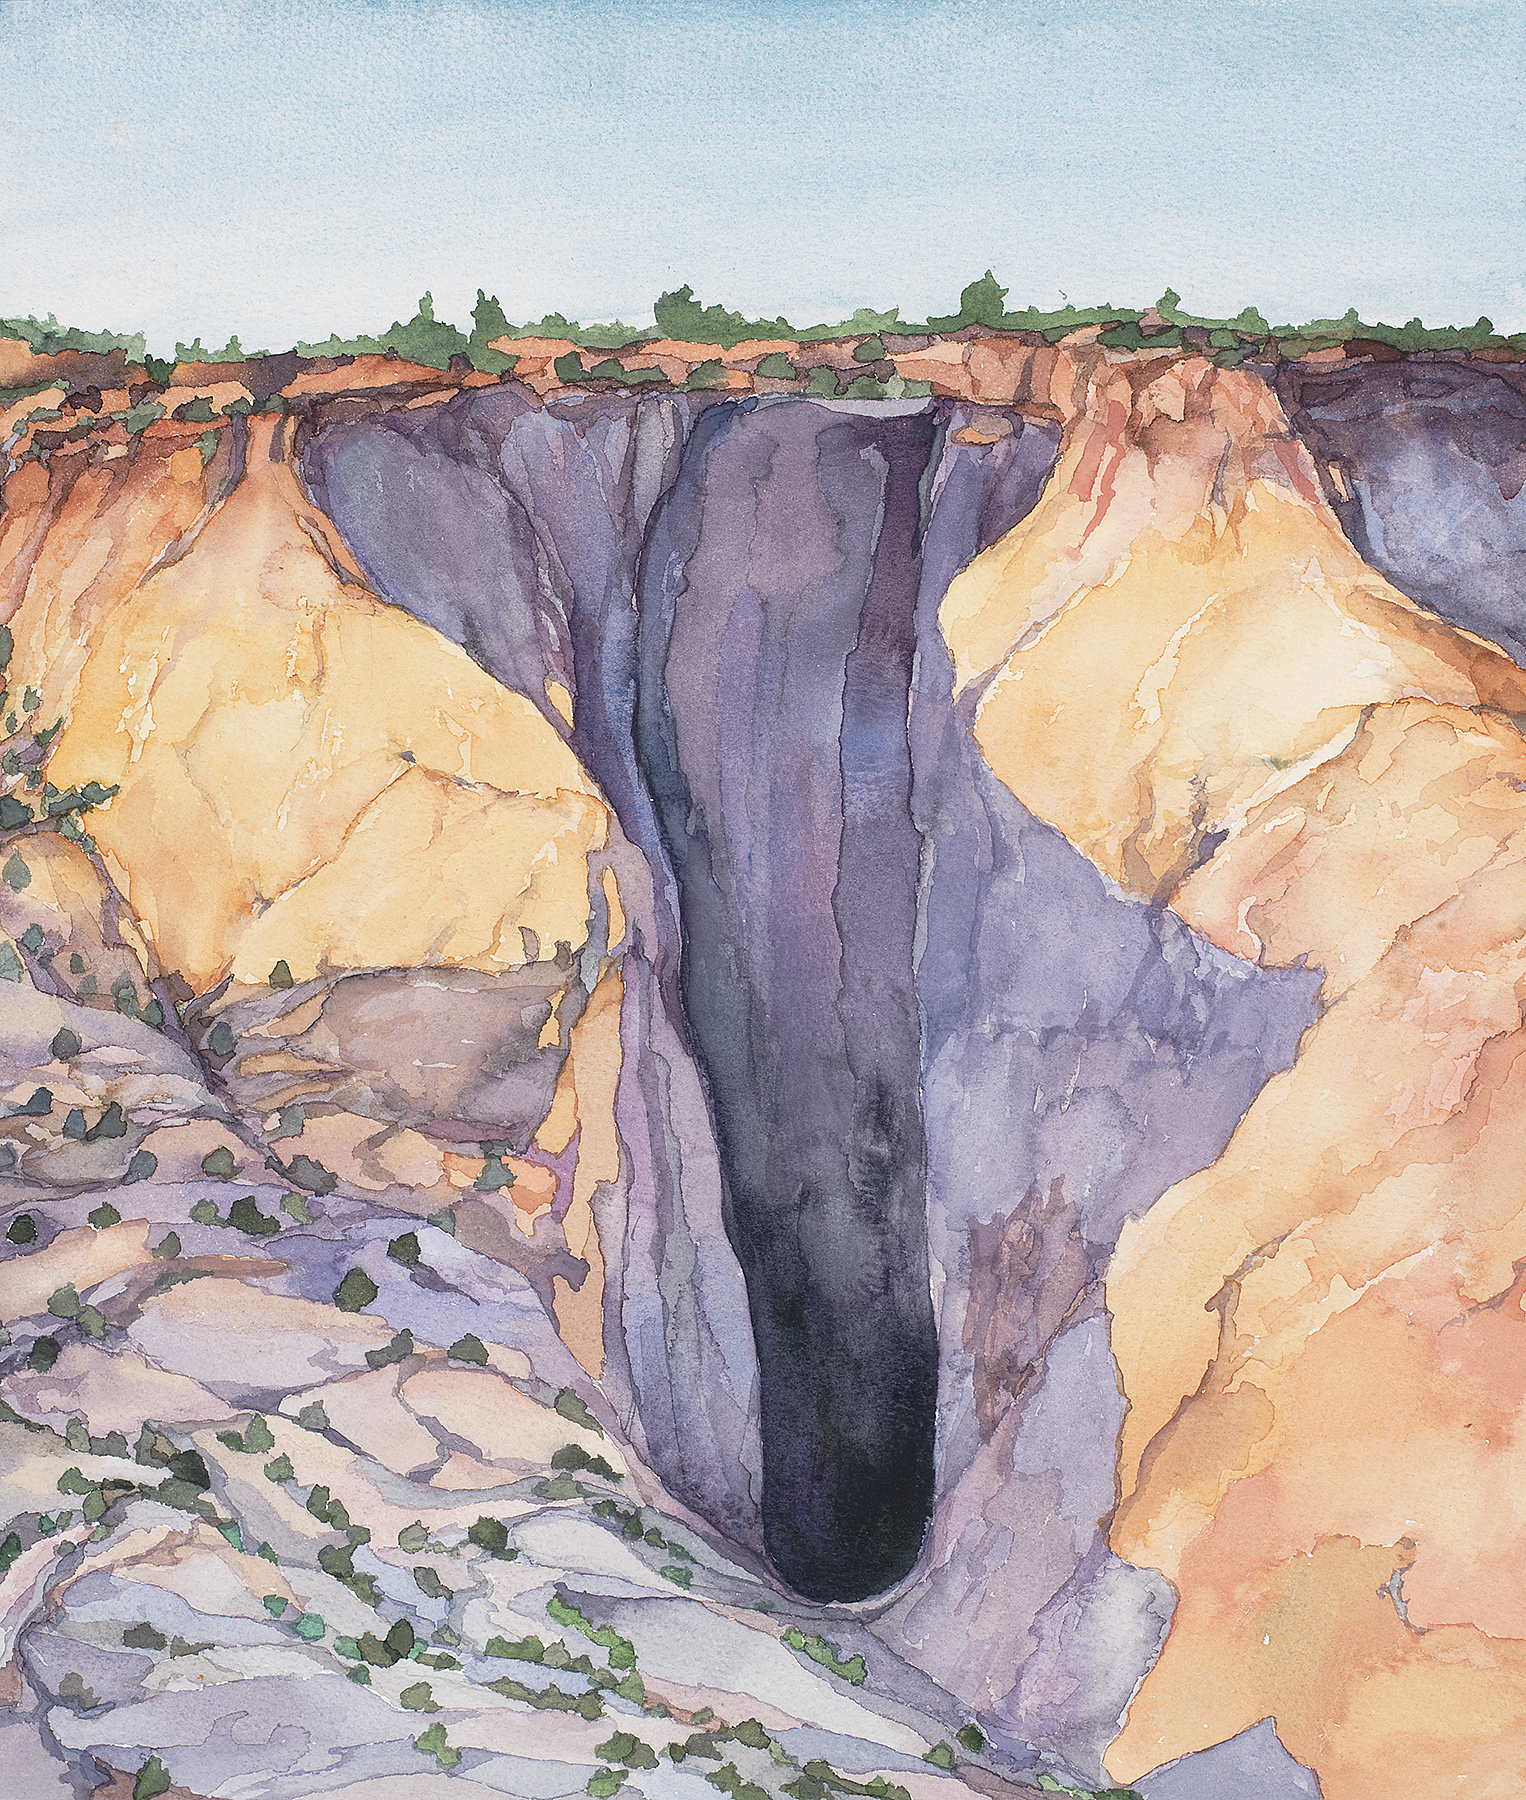 Escalante Canyon Slot 1.jpg